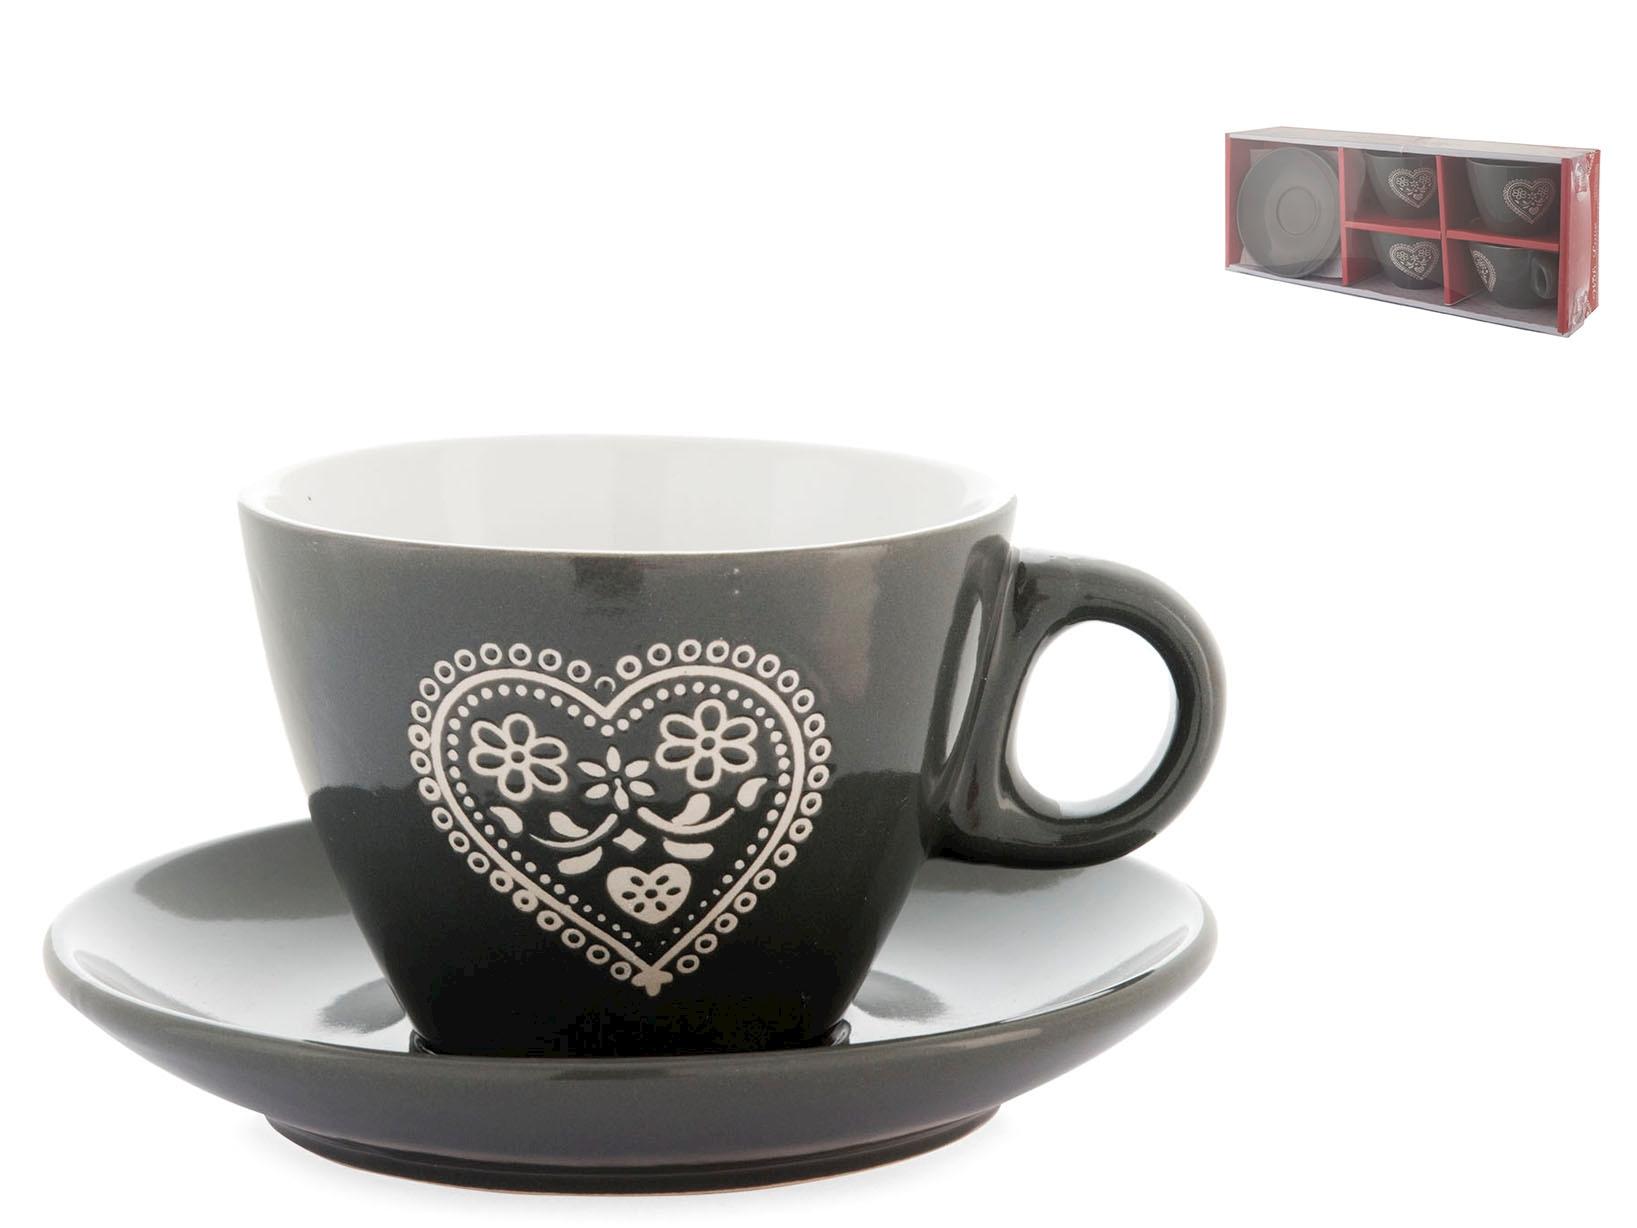 Confezione 4te'c/p Withlove Grigio 200 60440g